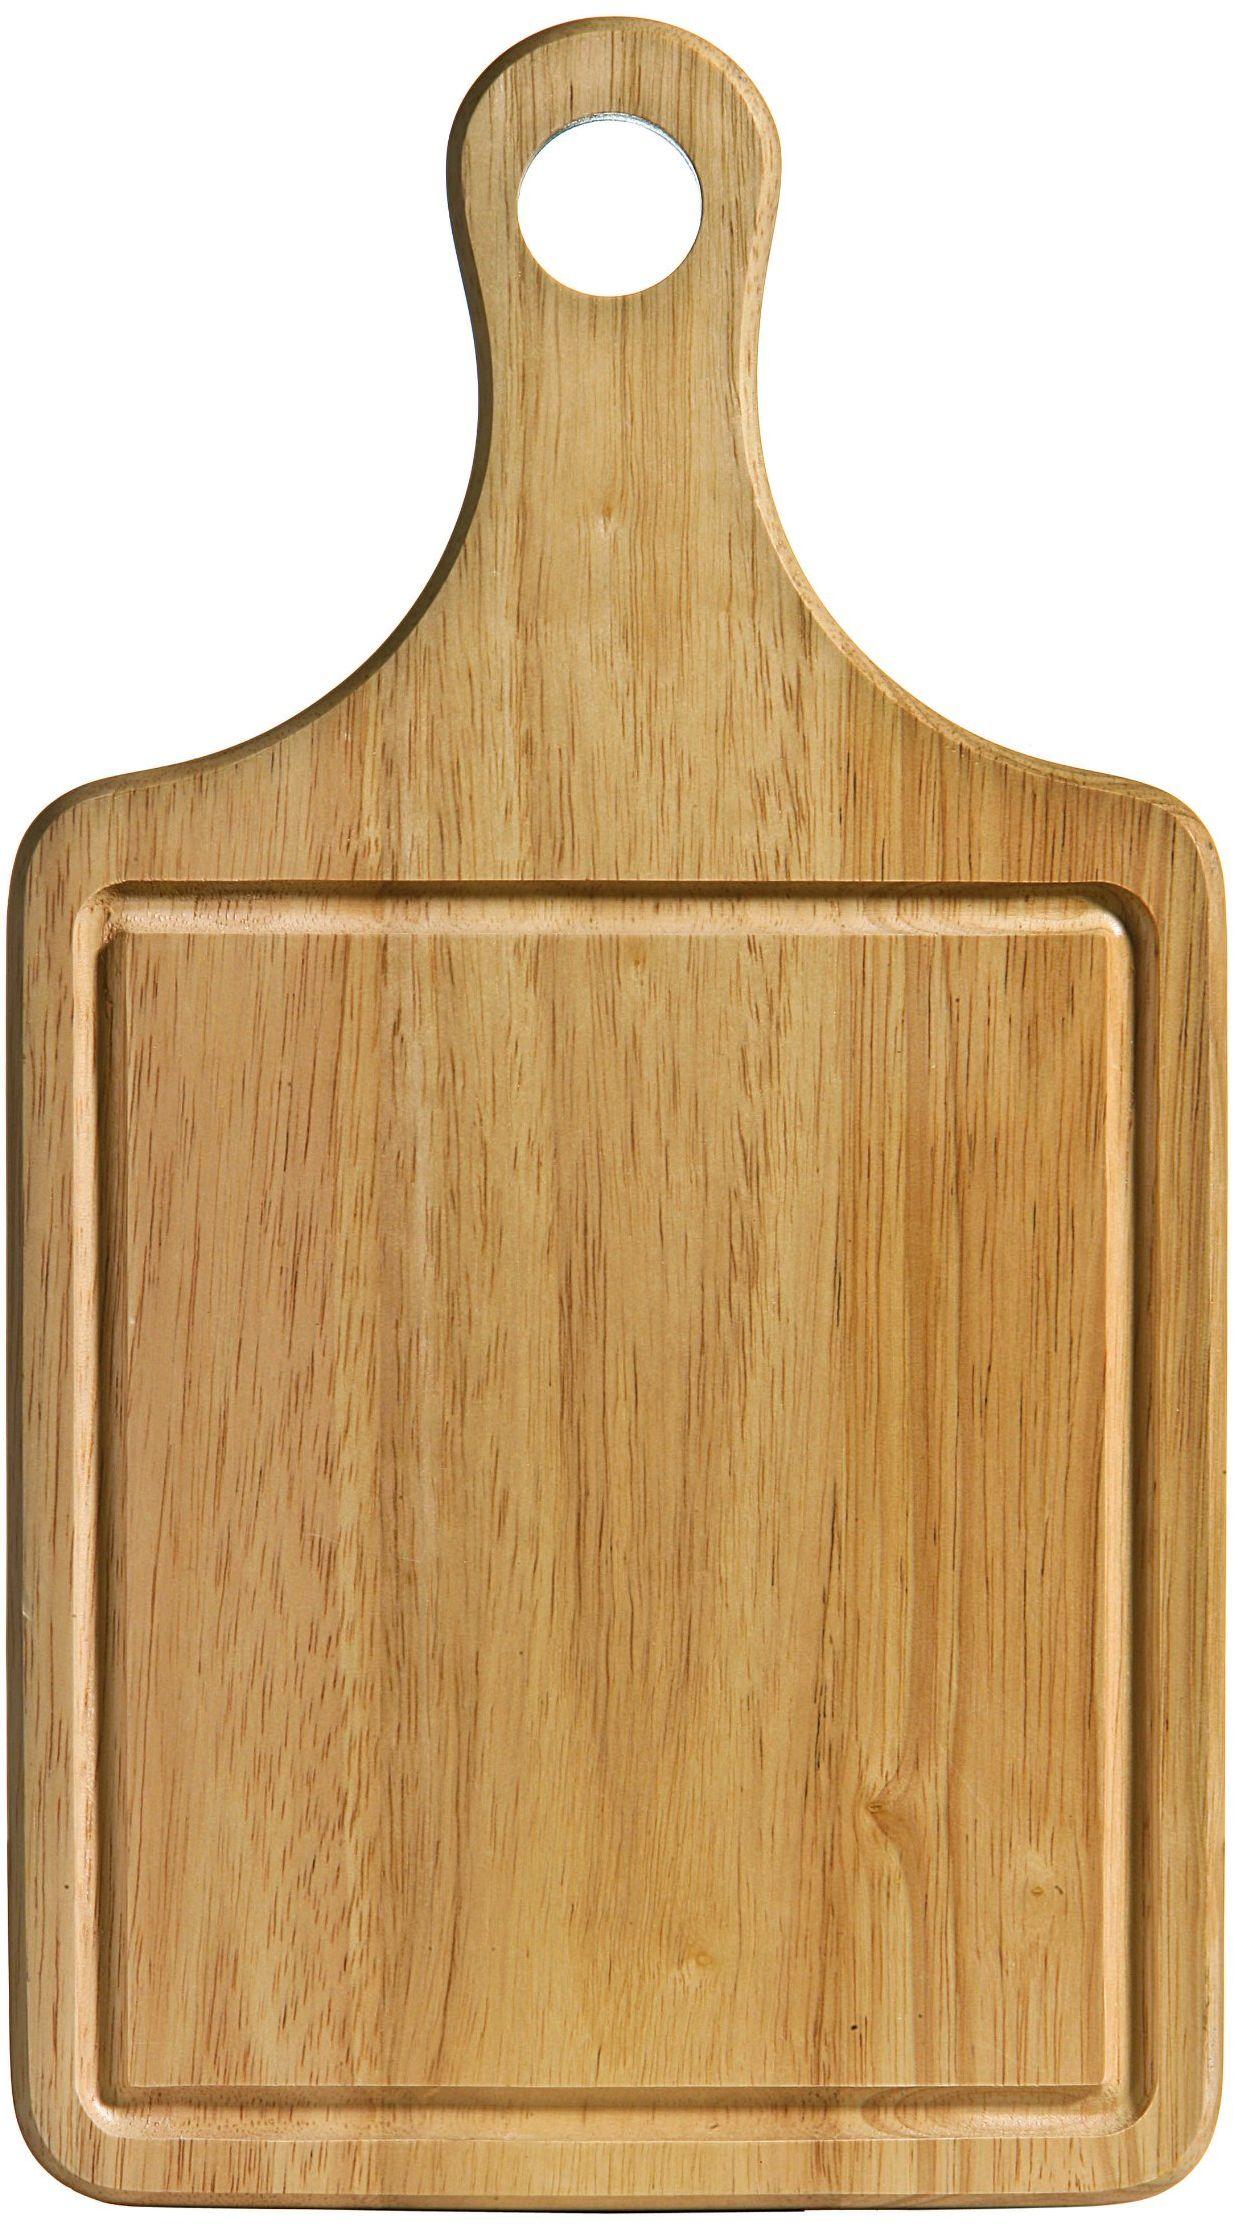 Premier Housewares Deska do krojenia, drewno kauczukowe, z uchwytem i rowkiem na sok, 36 x 20 x 1,5 cm